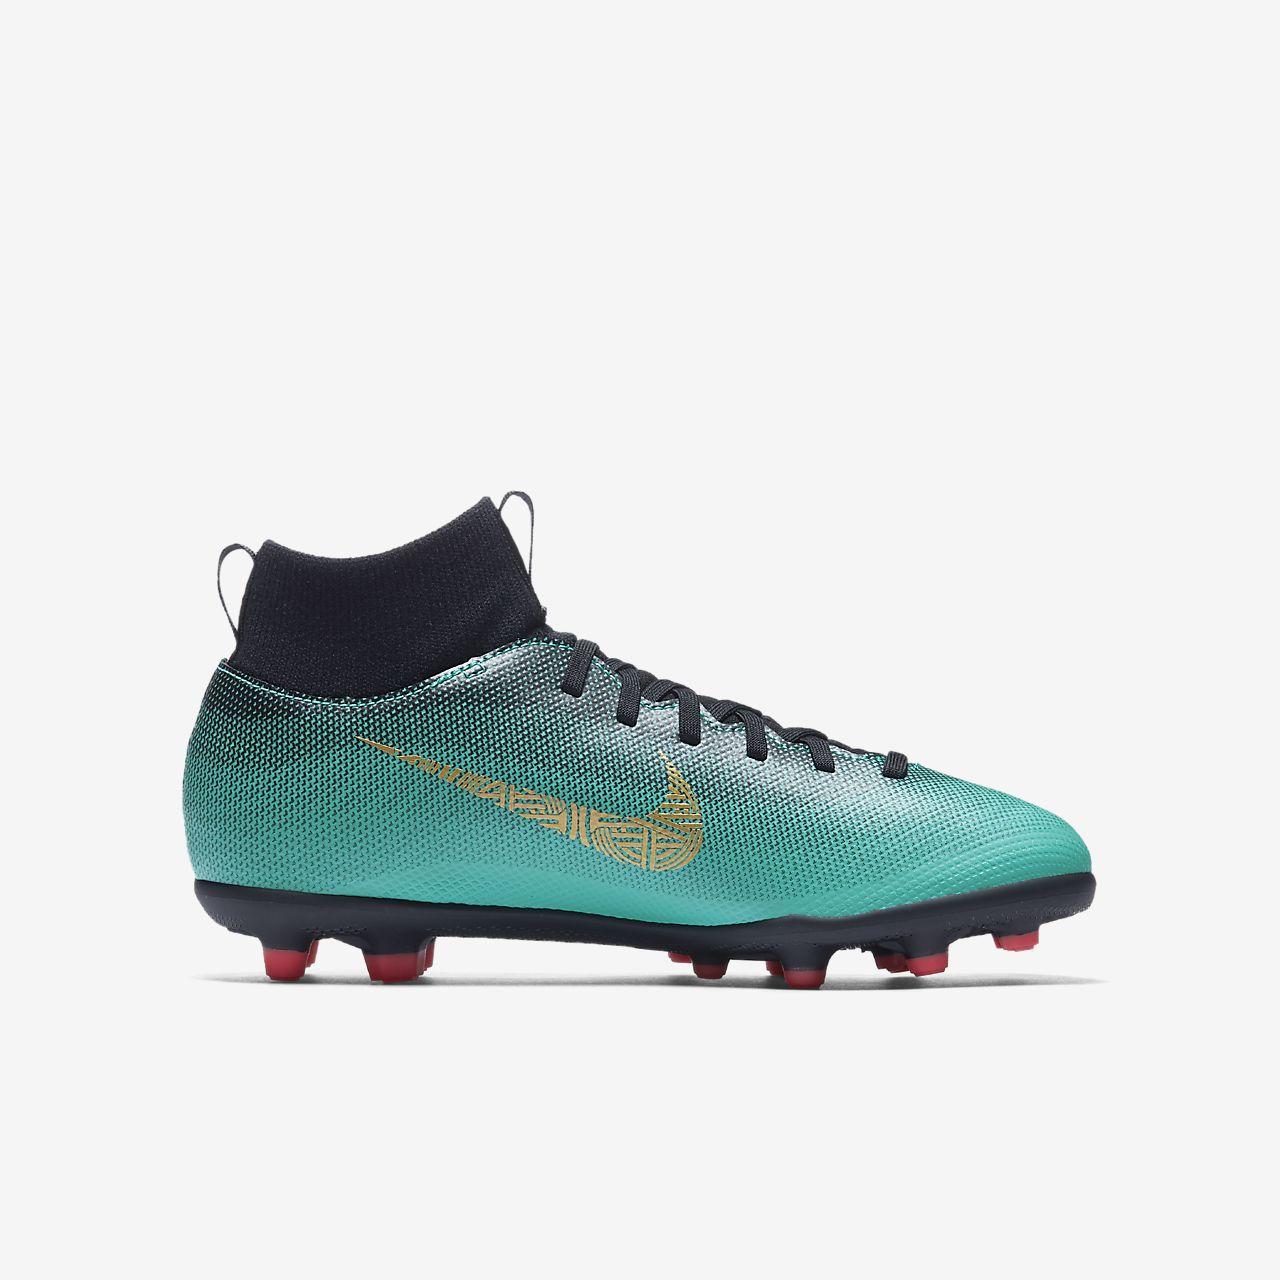 Nike Scarpe Calcio Football Superfly 6 Academy CR7 MG Verde con calzino 2018 Nueva En Venta U1hQ8GmuK